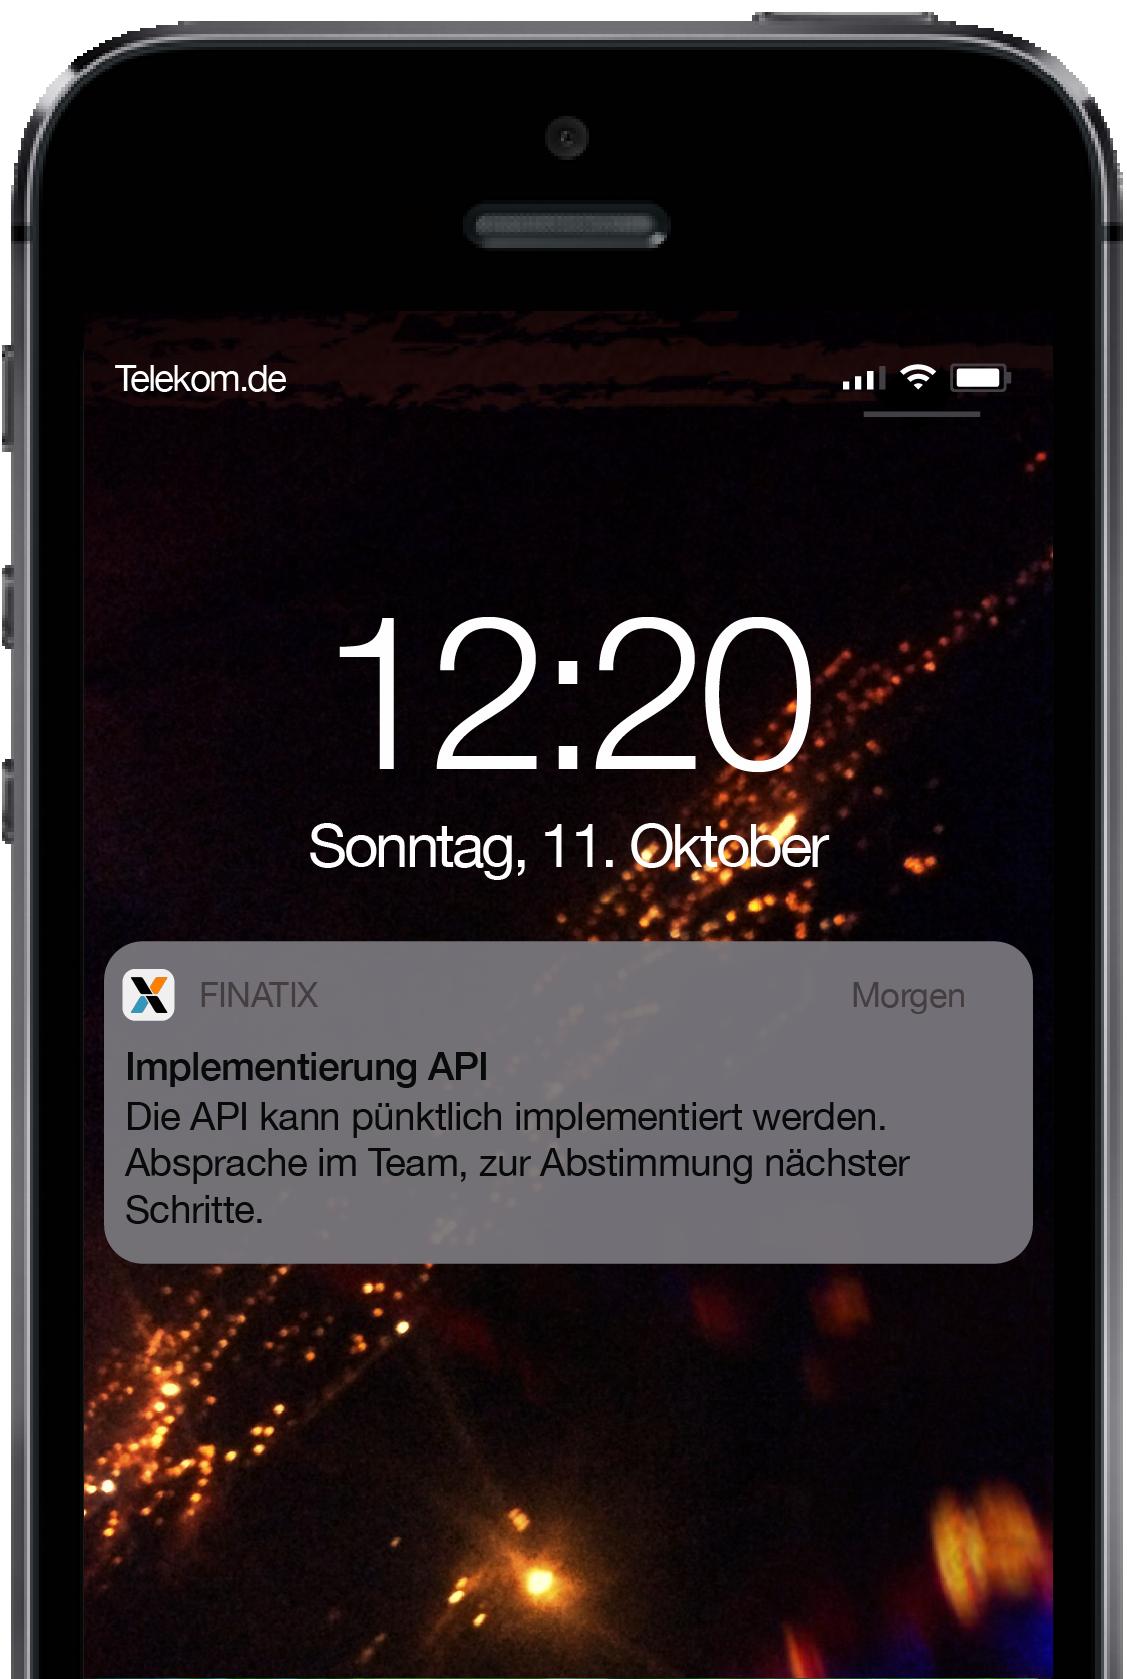 Bild API Referenz